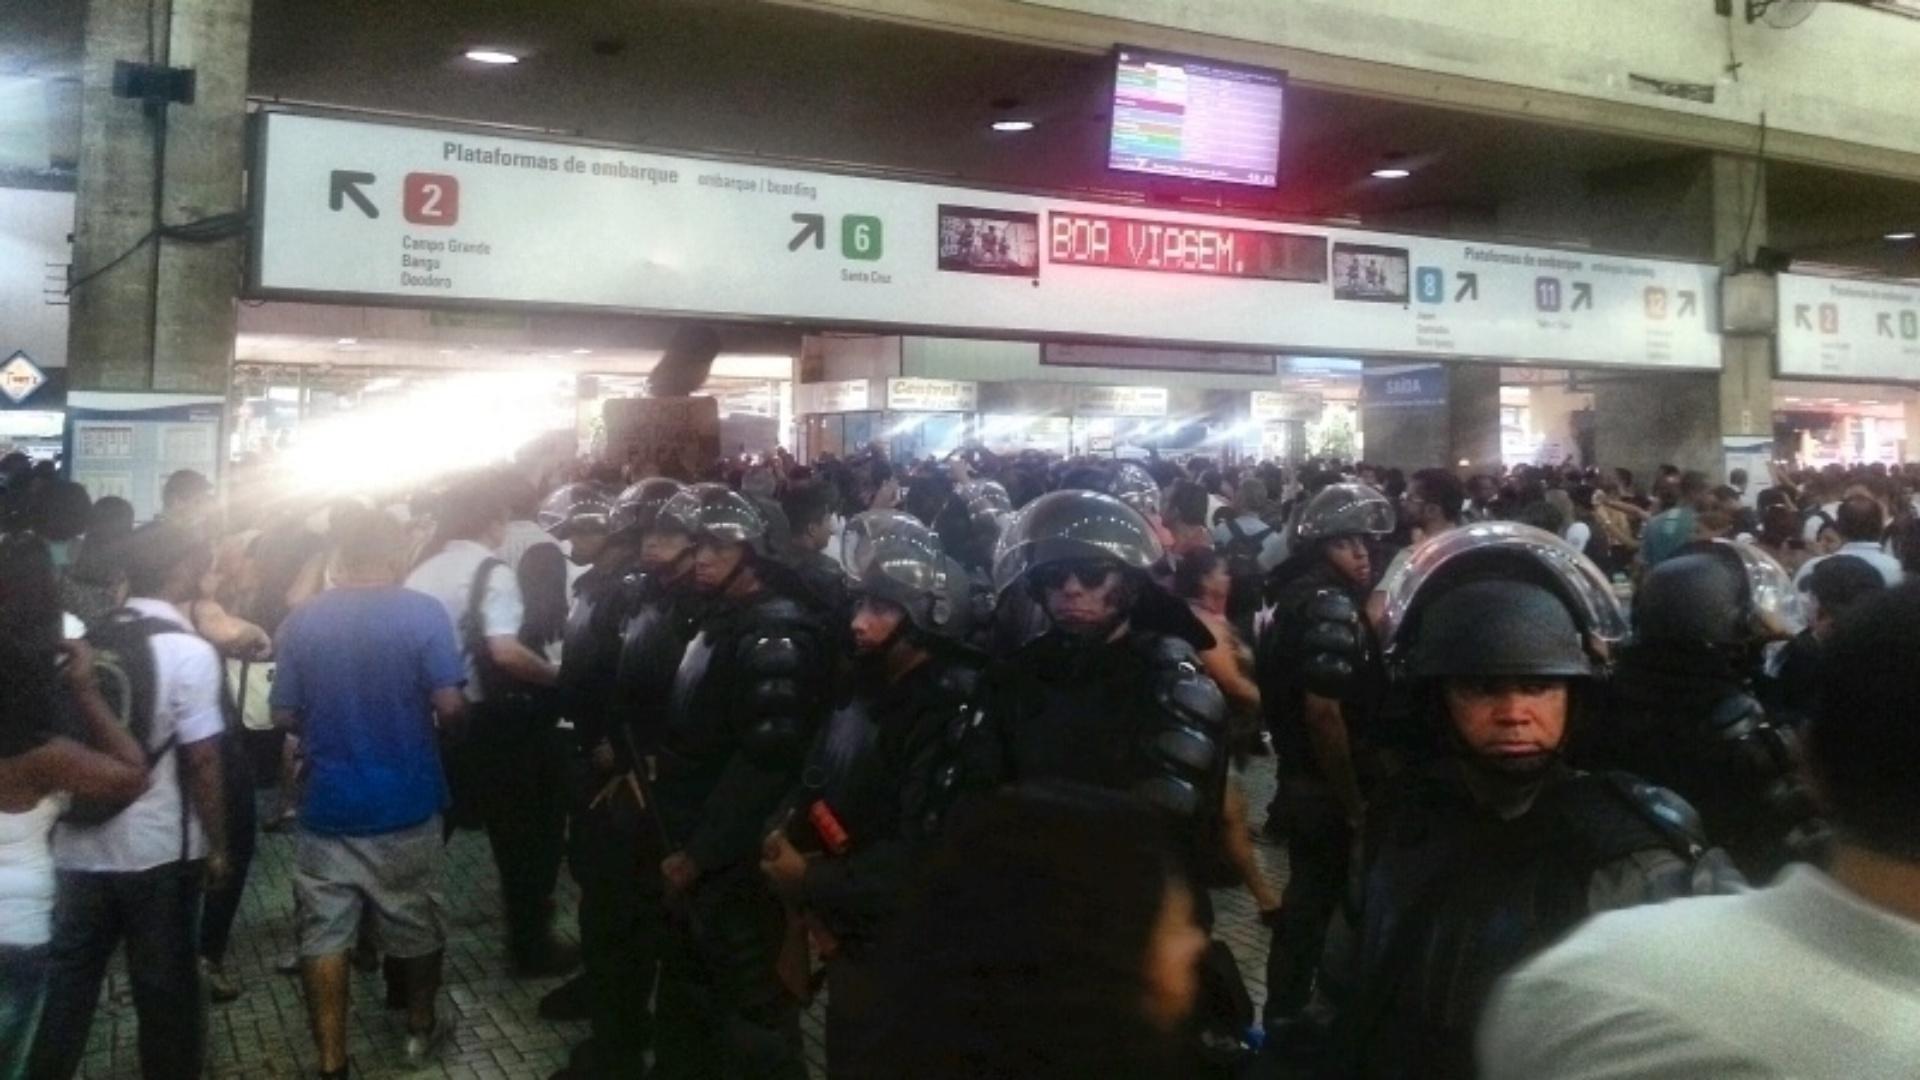 30.jan.2014 - Batalhão de Choque vigia a Central do Brasil, no Rio, devido a um protesto contra aumento das passagens de ônibus nesta quinta-feira (30). O reajuste foi anunciado ontem (29) pelo prefeito Eduardo Paes (PMDB), e a tarifa passará de R$ 2,75 para R$ 3